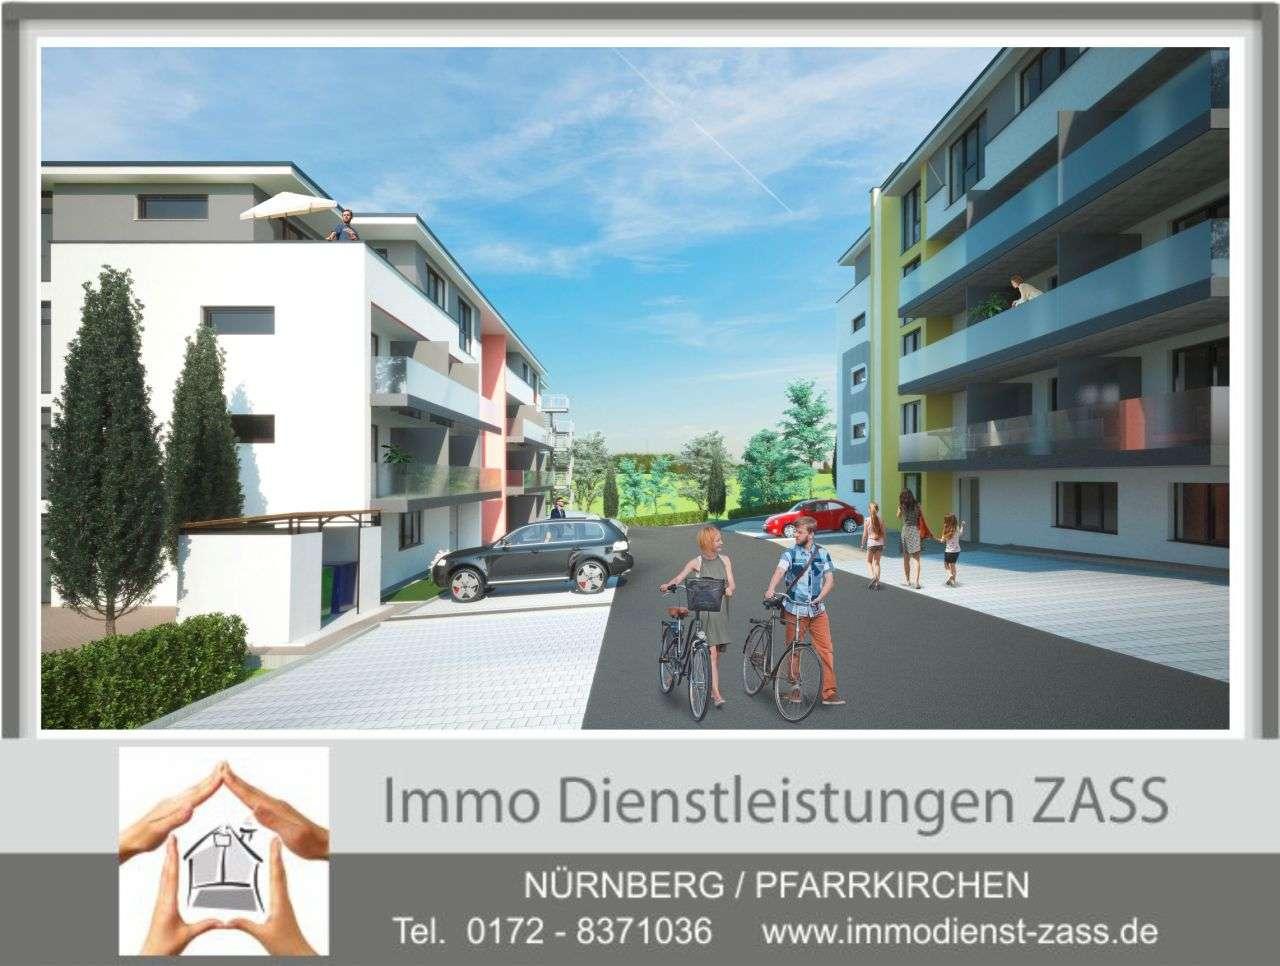 Barrierefreies, möbliertes 1-Zi. Apartment / (auch für Pärchen geeignet) in Pfarrkirchen